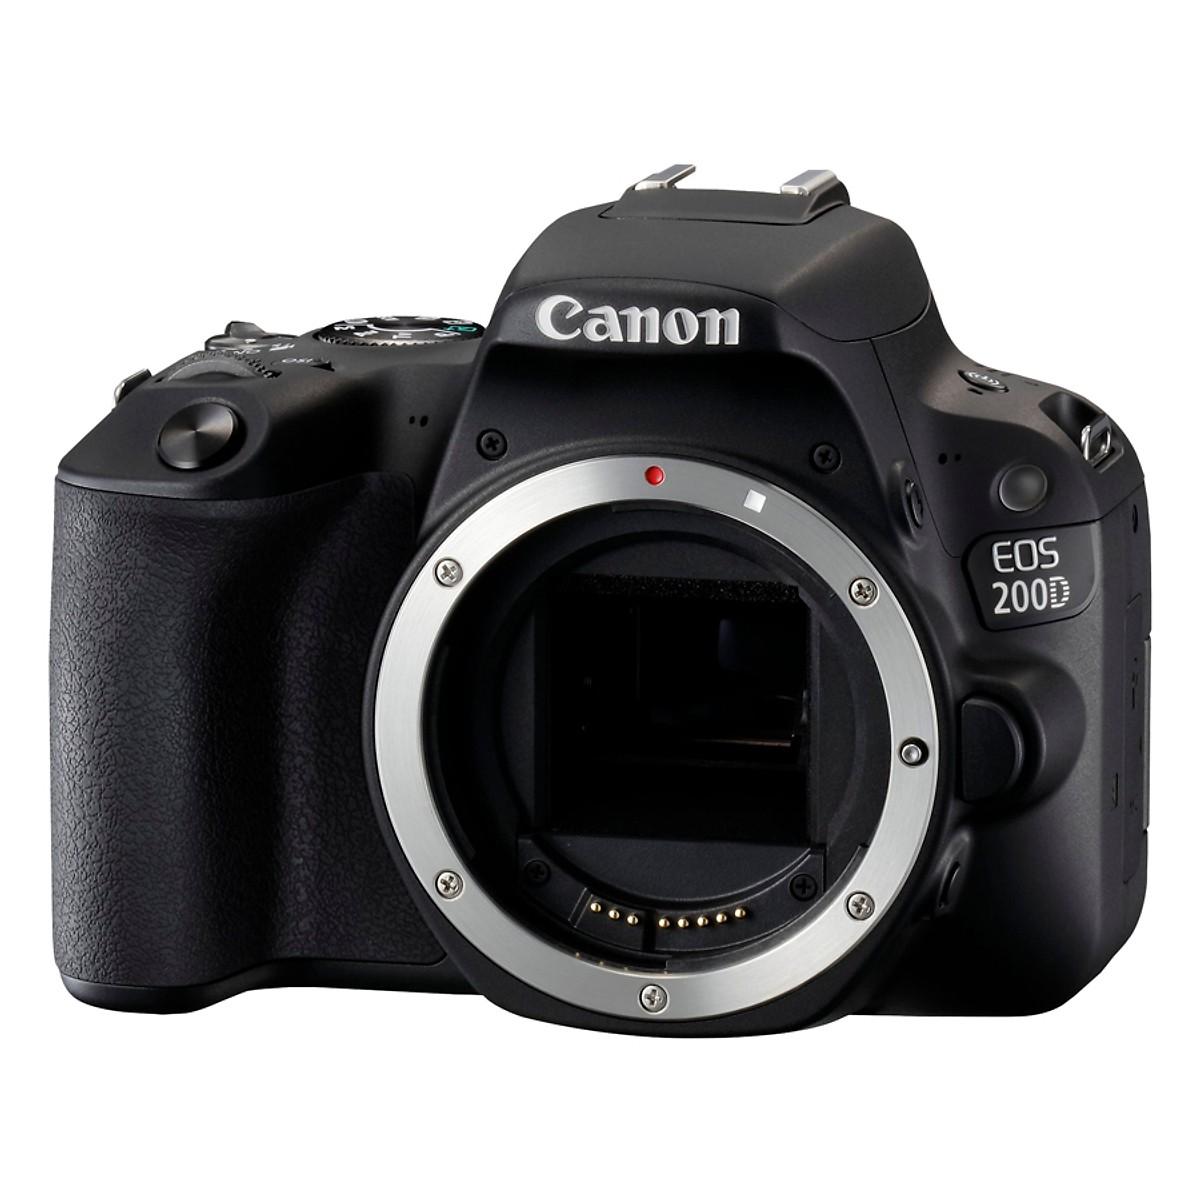 Máy Ảnh Canon EOS 200D + 18-55mm IS STM (Đen) - Hàng Nhập Khẩu